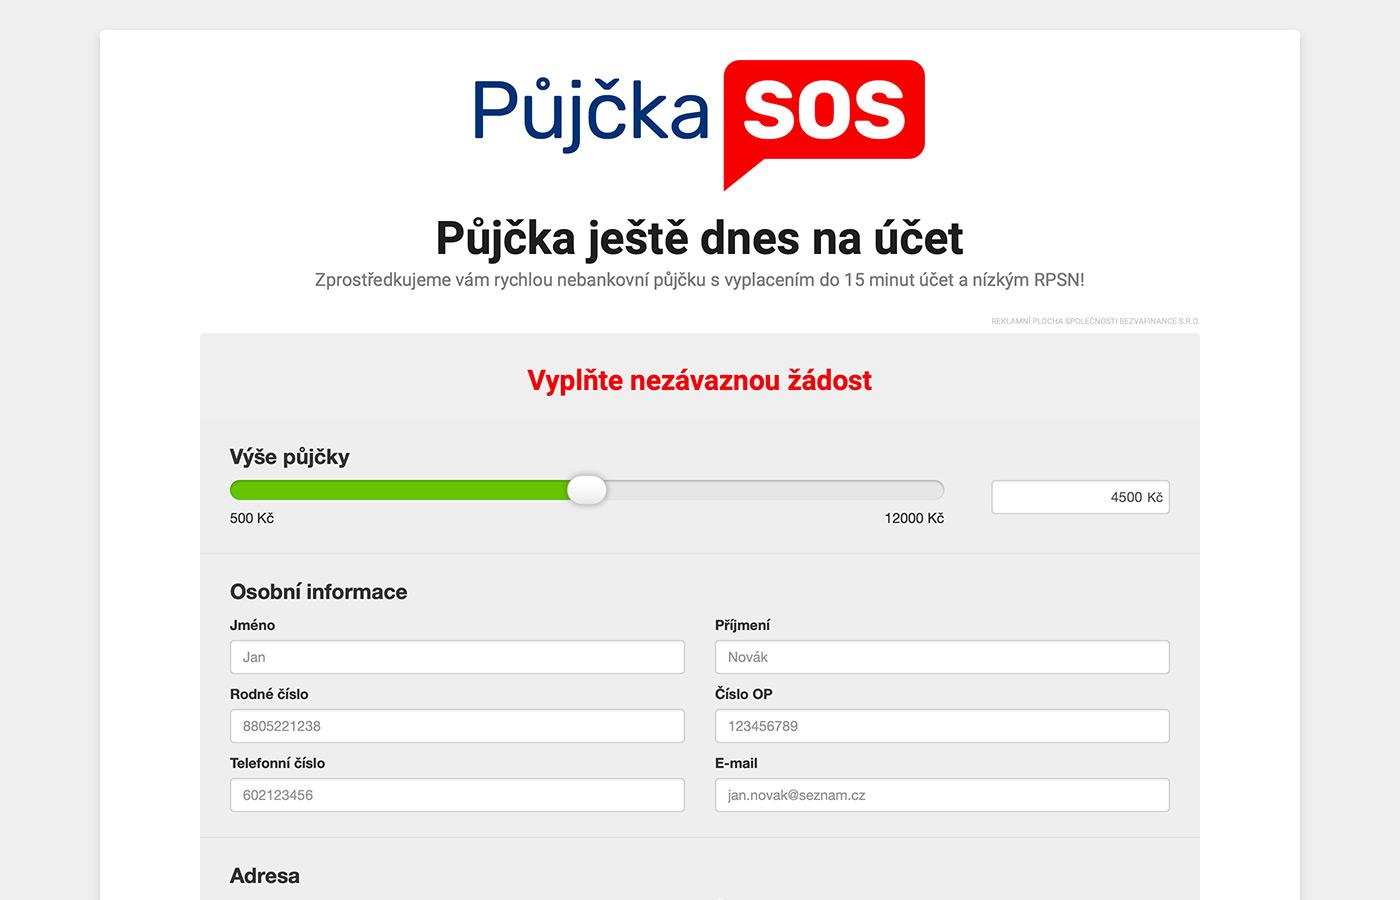 Půjčka24 (www.pujcka24.top) - Nebankovní půjčky.